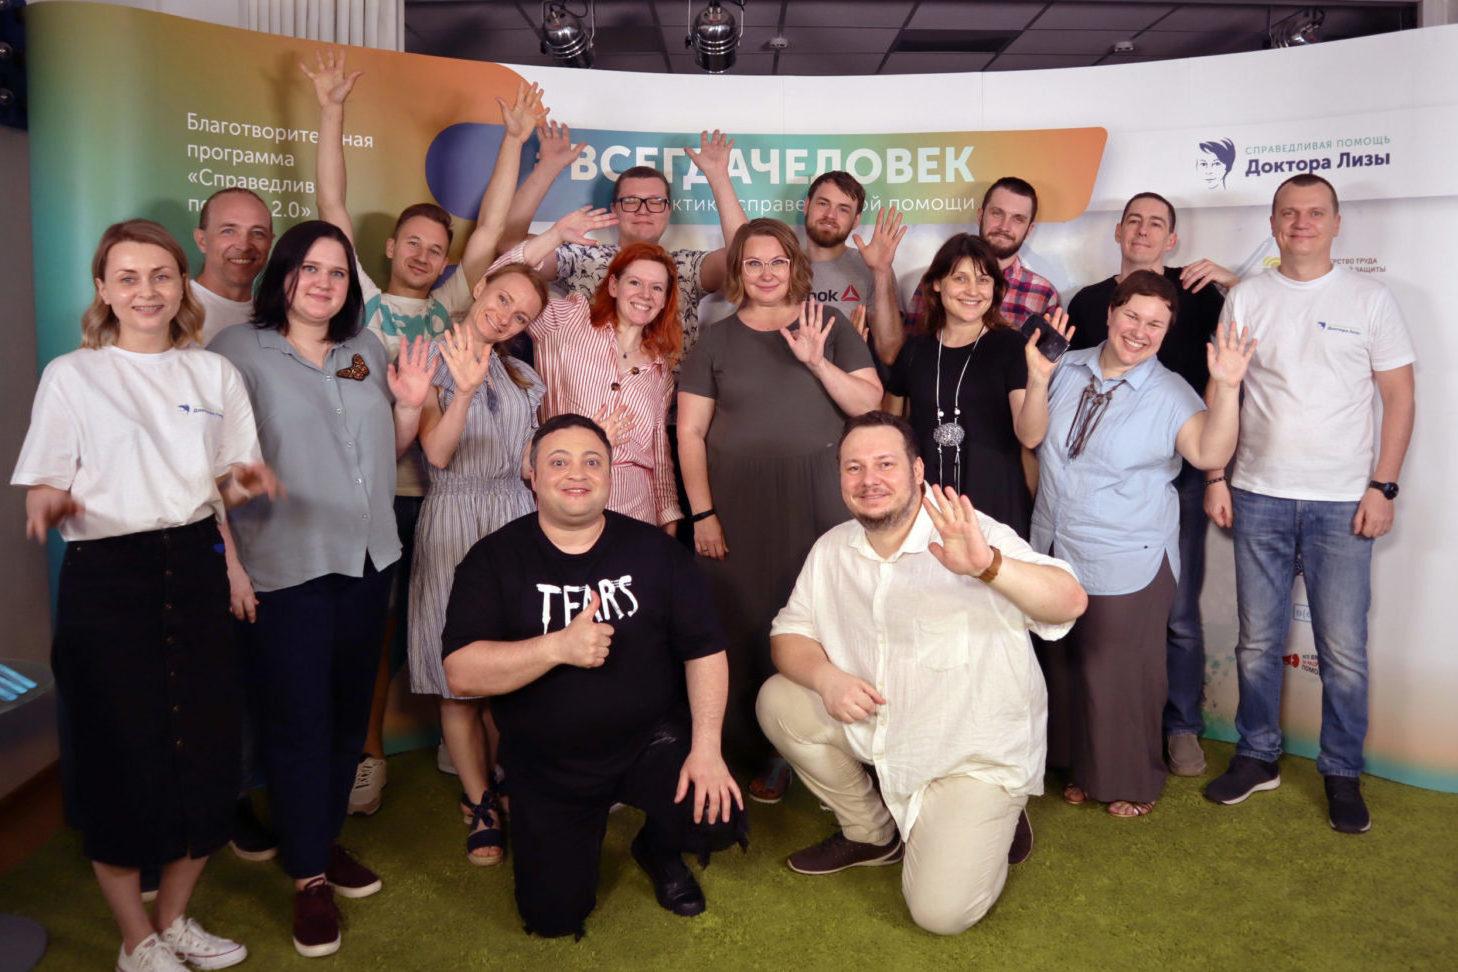 20 июня состоялось онлайн ток-шоу о благотворительности «#ВСЕГДАЧЕЛОВЕК: практика справедливой помощи» в СЗФО РФ